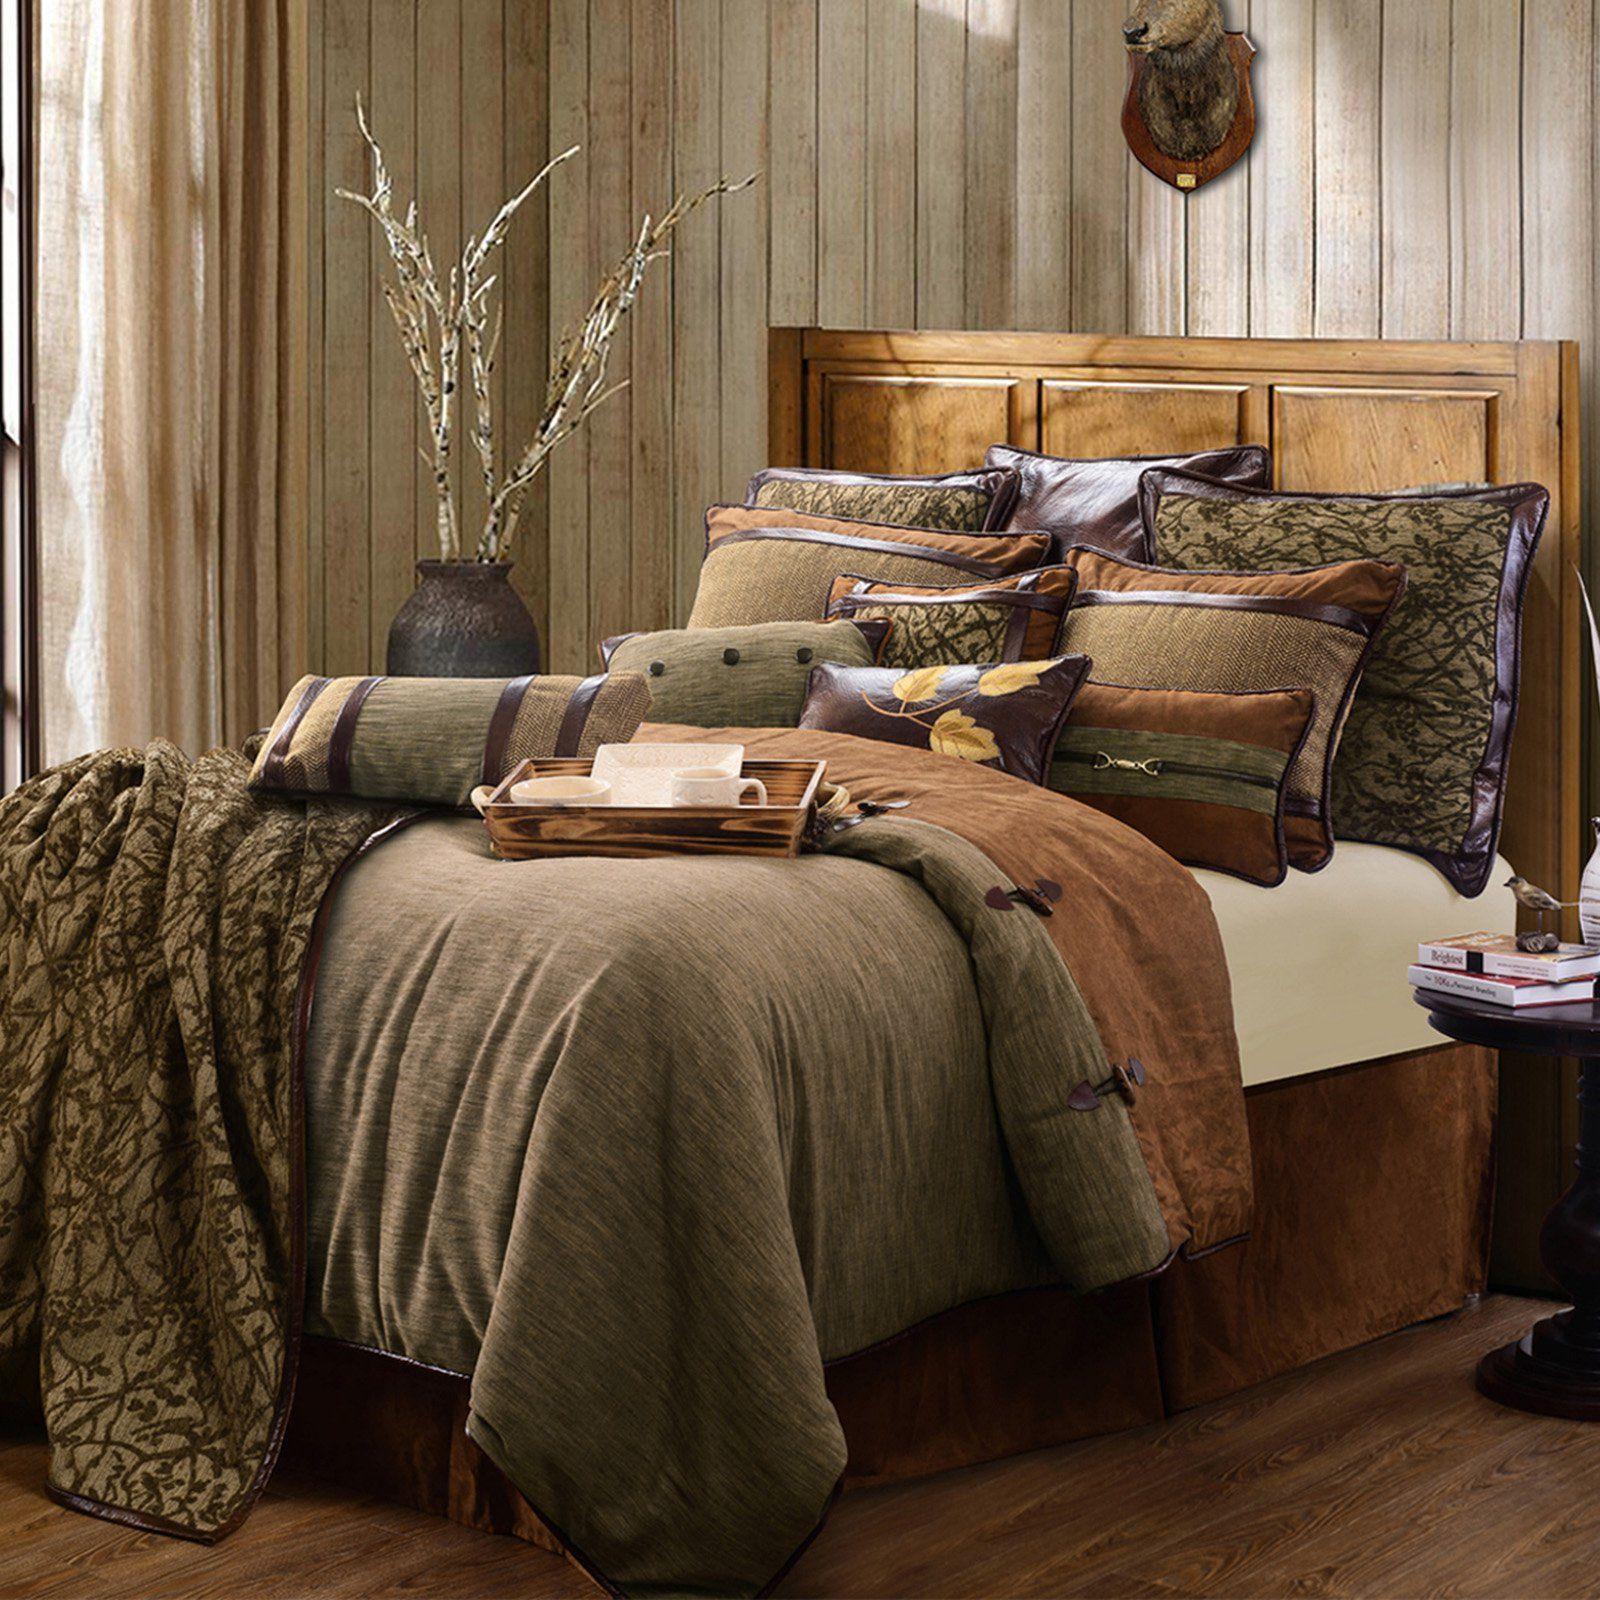 Literie De Luxe Suisse highland lodge 5 piece bedding sethiend accents - lg1860